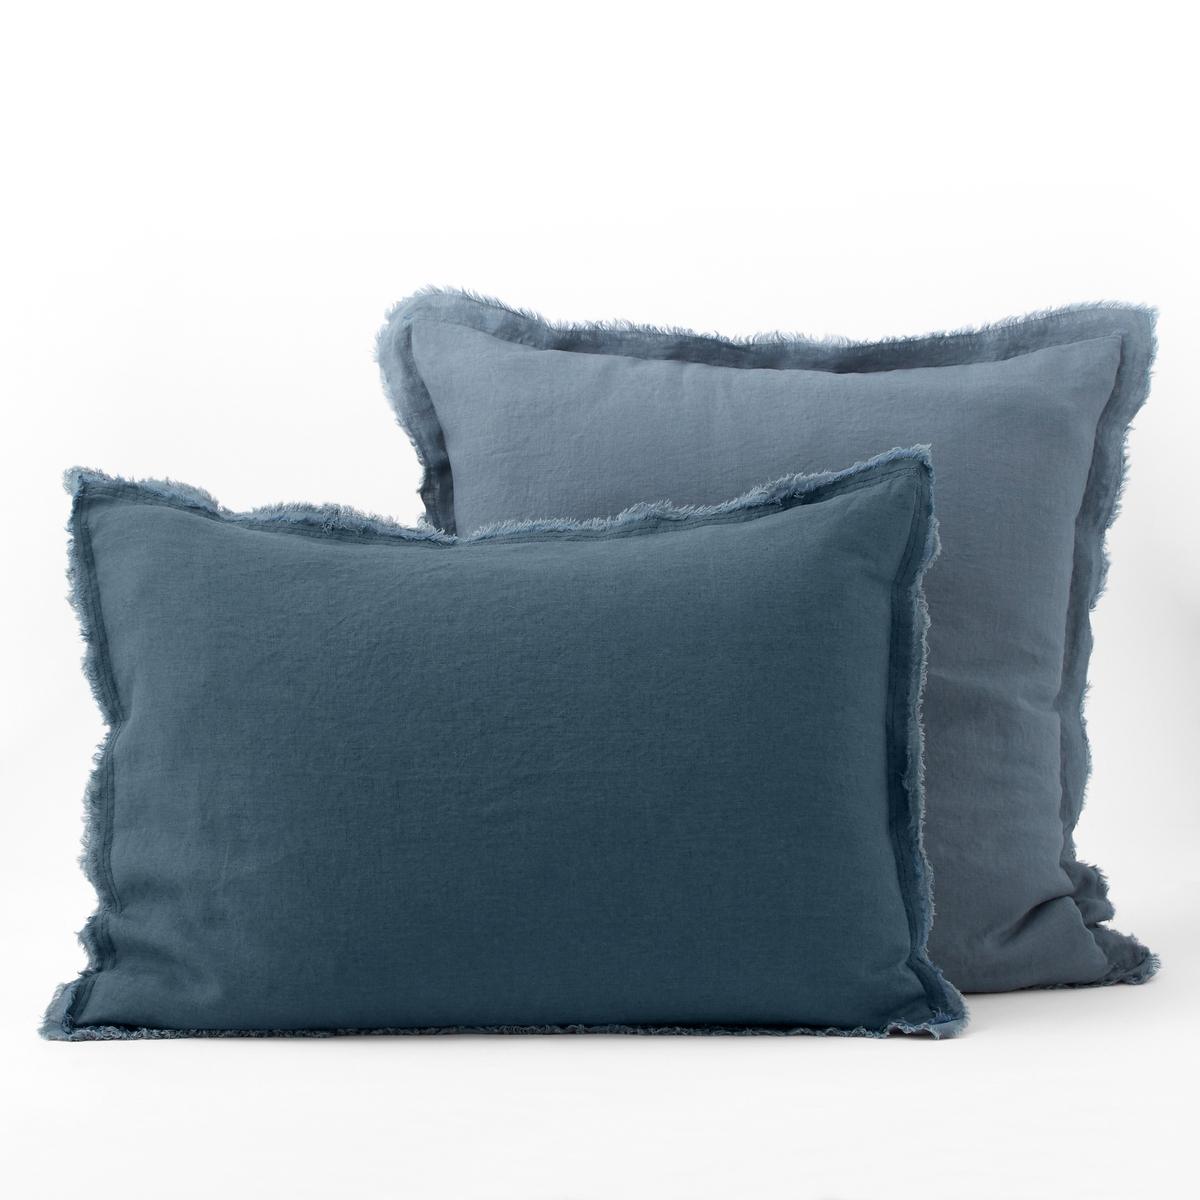 Наволочка La Redoute С двойной бахромой из стираного льна ALHANASIA 50 x 70 см синий наволочка наволочка soho лен красный синий белый 45 45 см